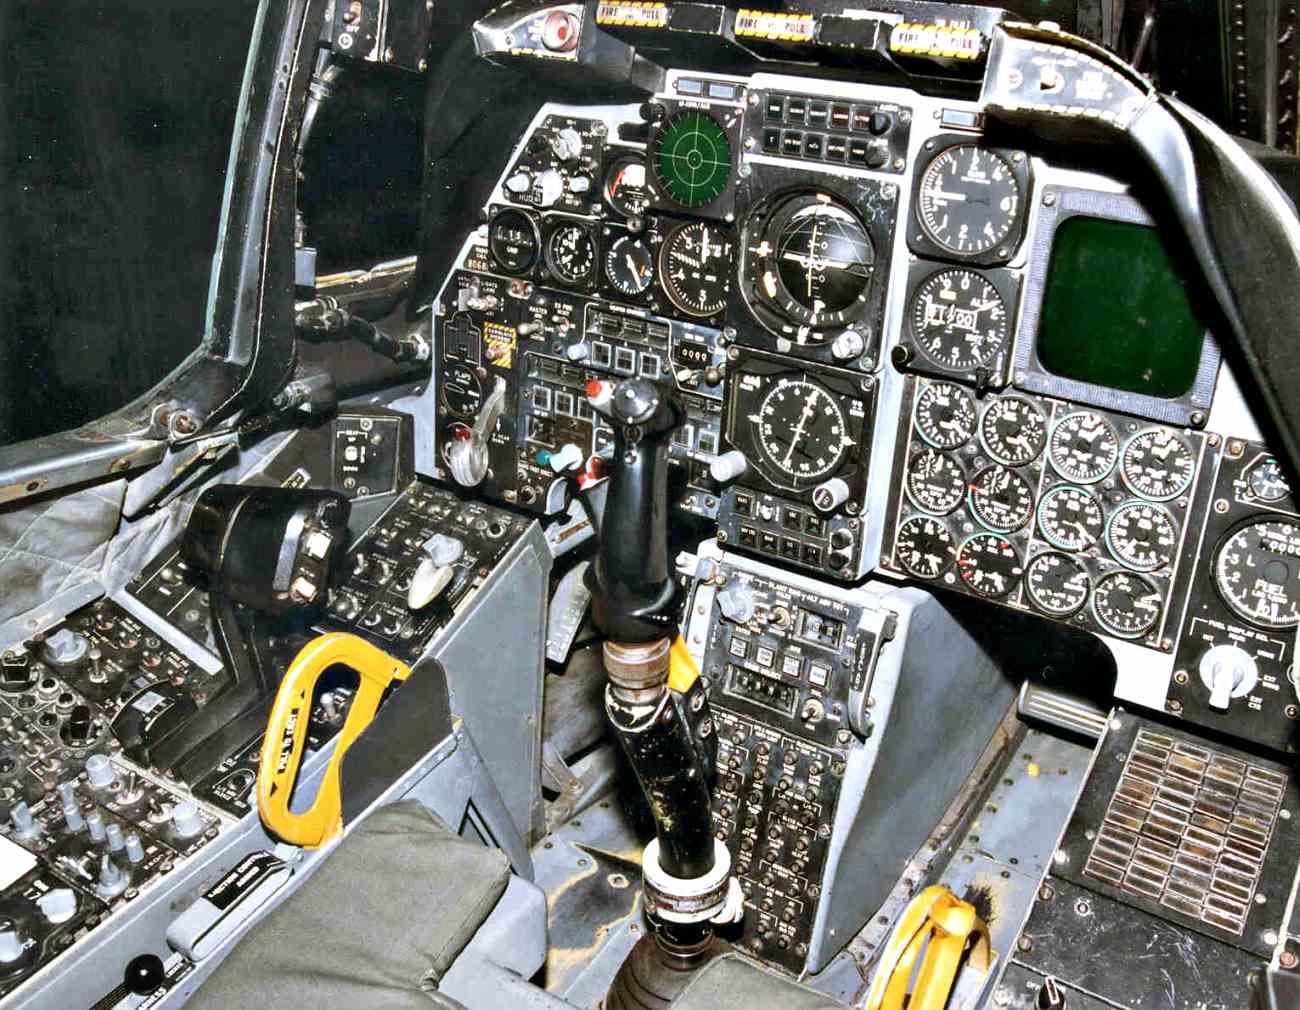 Fighter Jet Cockpit, A-10 cockpit